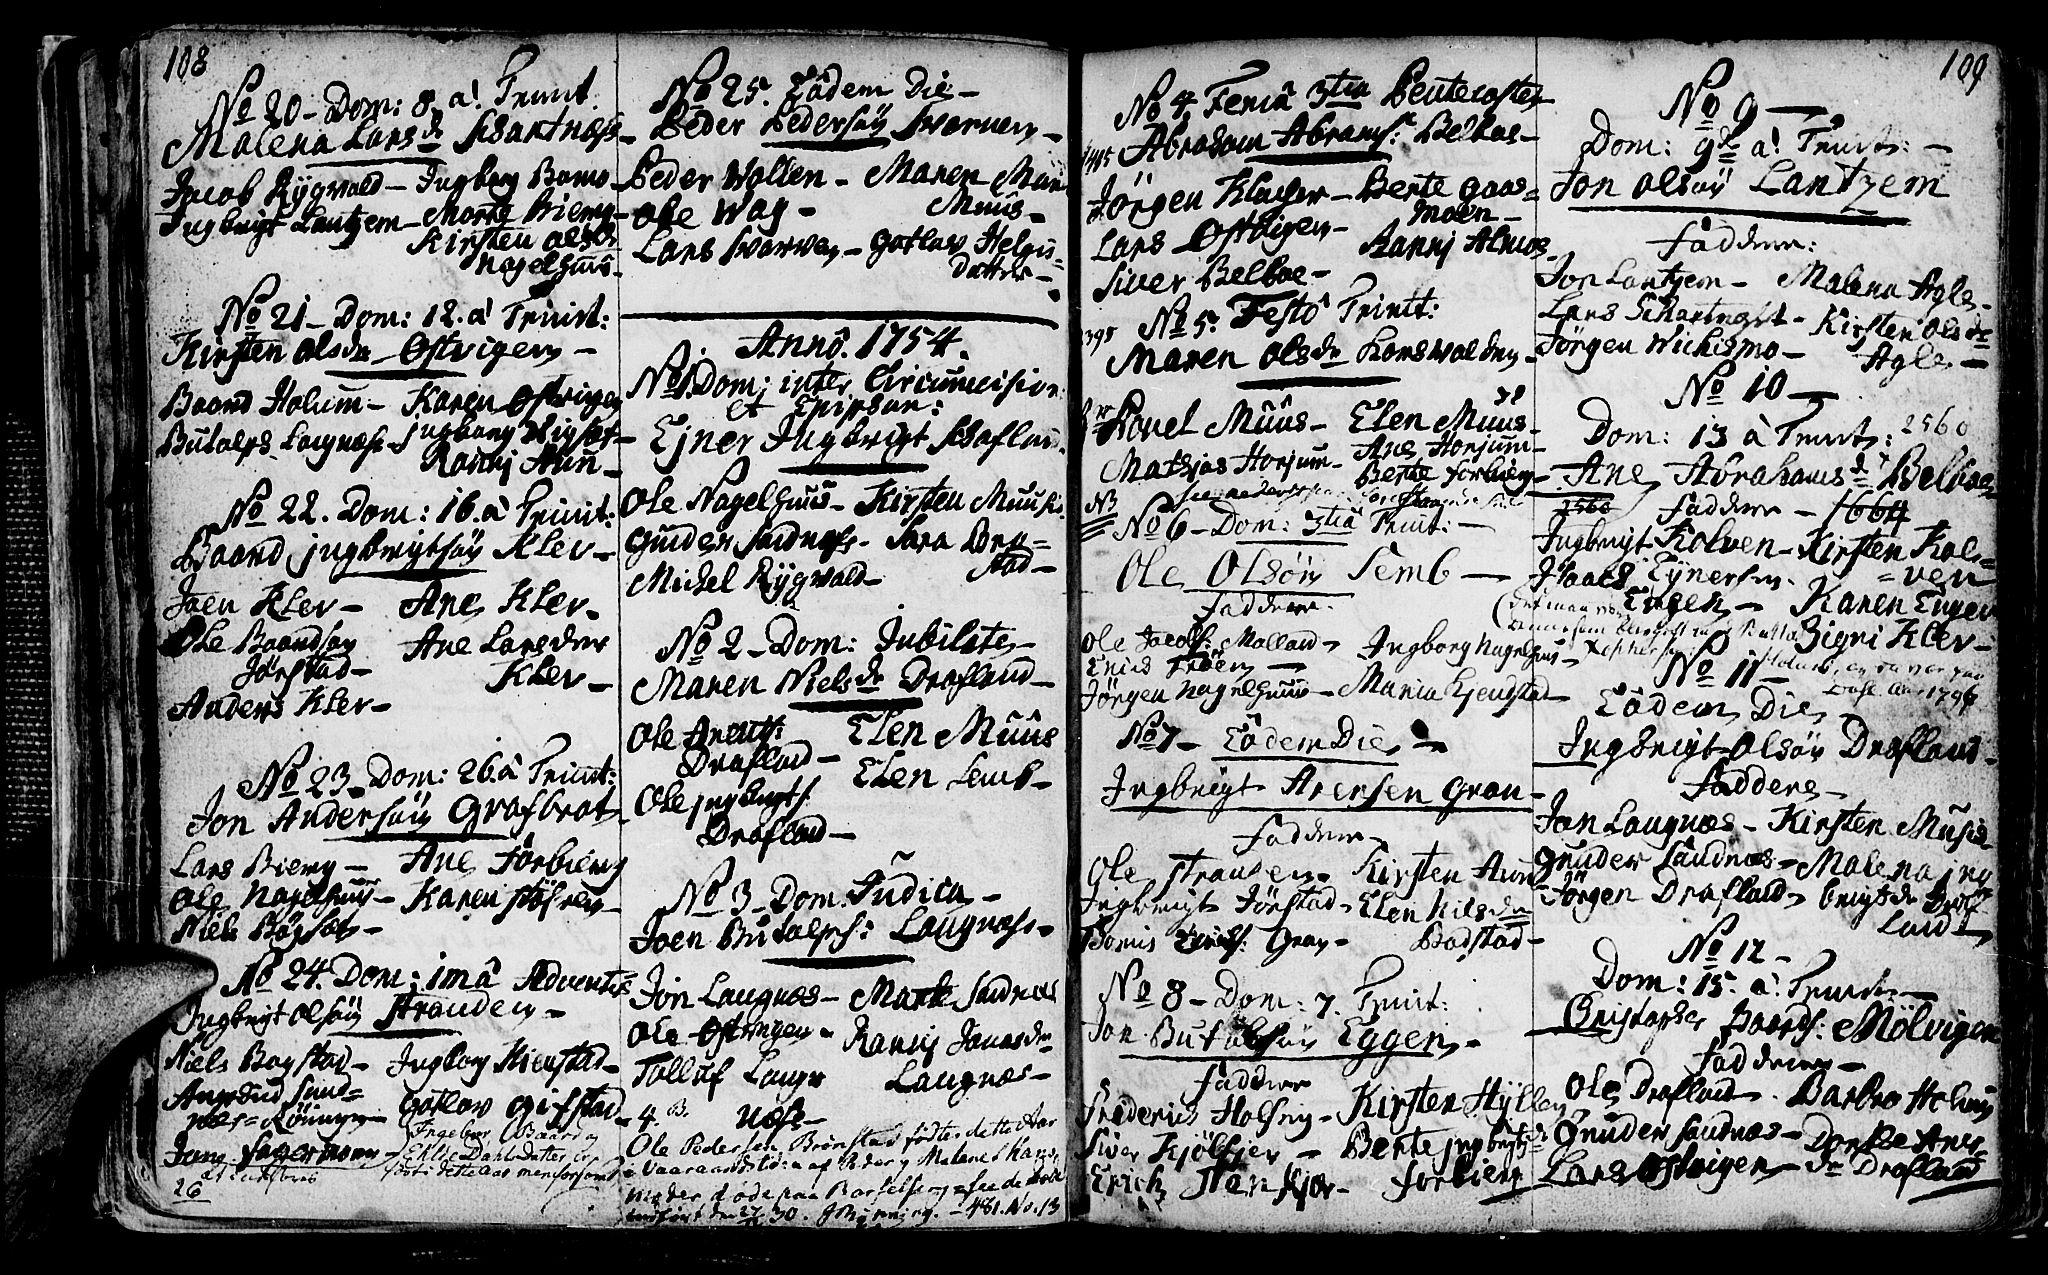 SAT, Ministerialprotokoller, klokkerbøker og fødselsregistre - Nord-Trøndelag, 749/L0467: Ministerialbok nr. 749A01, 1733-1787, s. 108-109